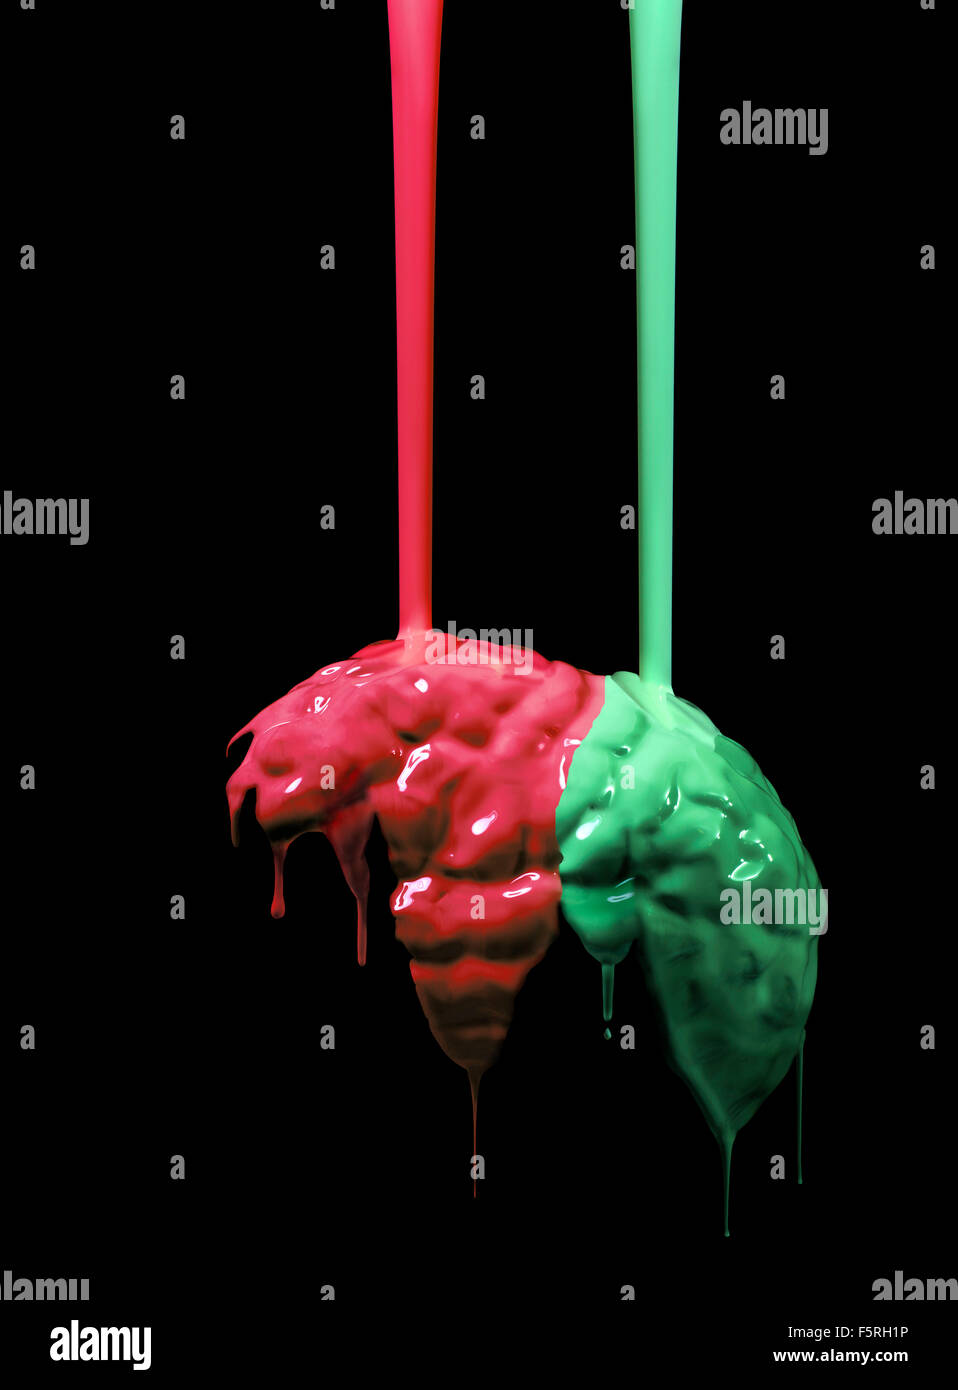 Portrait de la peinture verte et rouge versé sur un modèle du cerveau humain Photo Stock